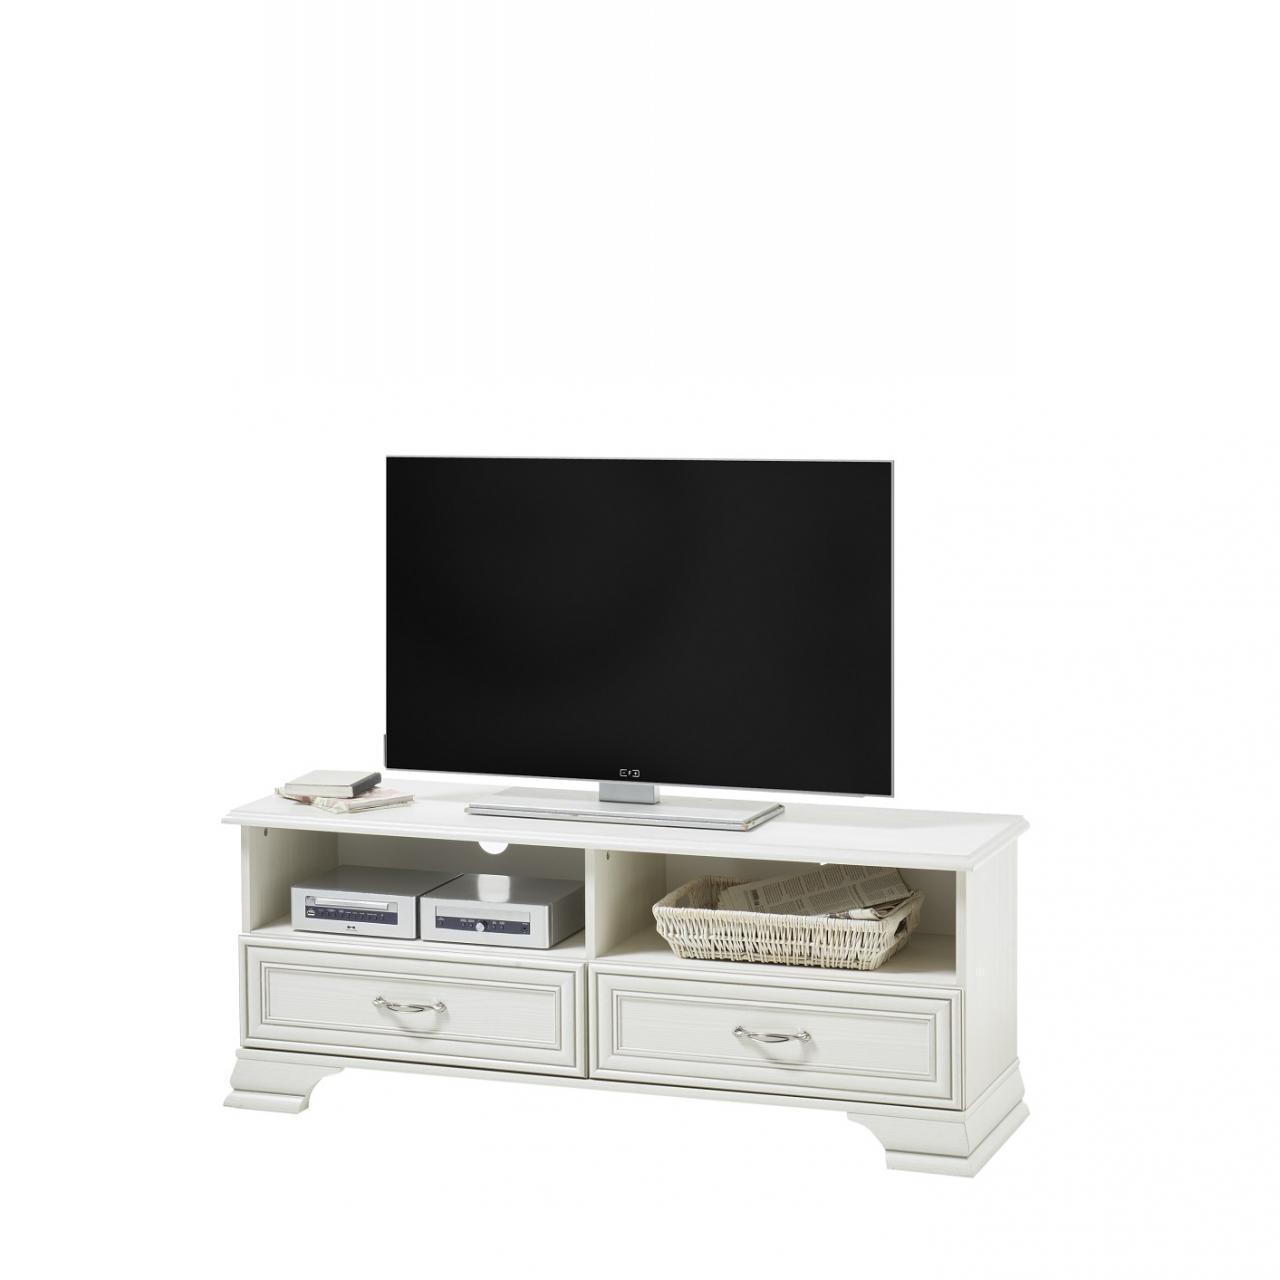 Lowboard Venedig Used White Mit Patina TV-Tisch Weiß MDF 2 Schubkästen 2 Fächer